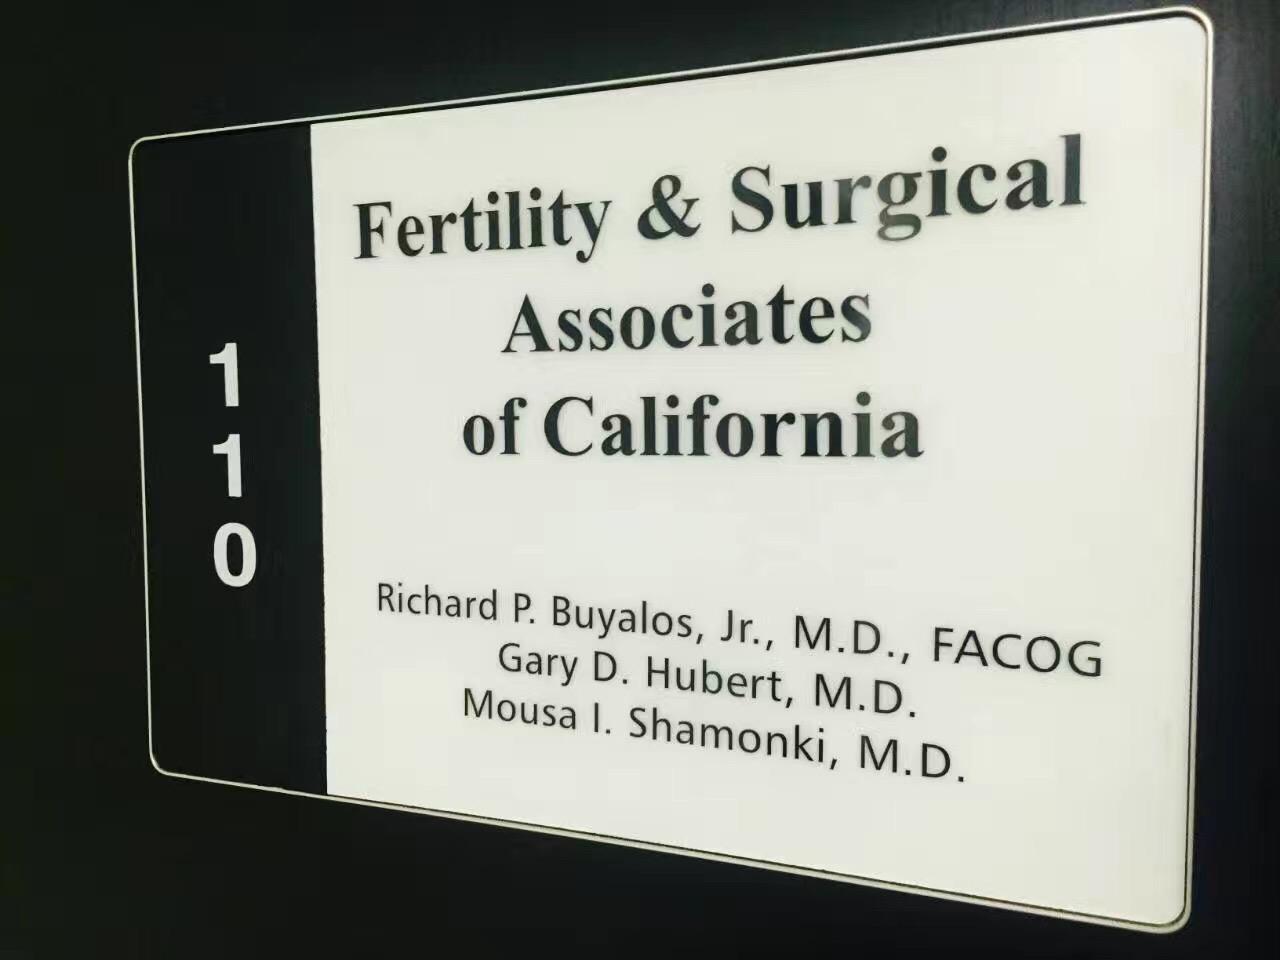 美国试管婴儿医院FSAC生殖中心:加州大龄试管婴儿成功几率高6